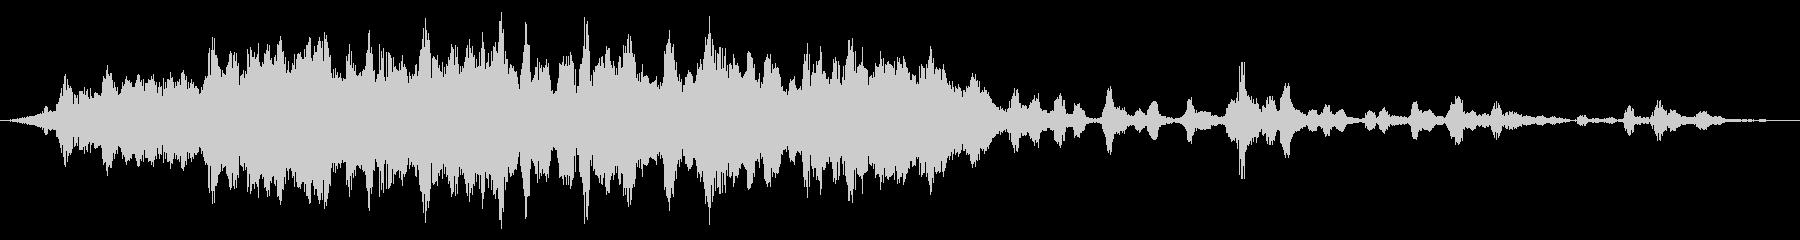 マシンストレッチ、メタルワープ、デ...の未再生の波形